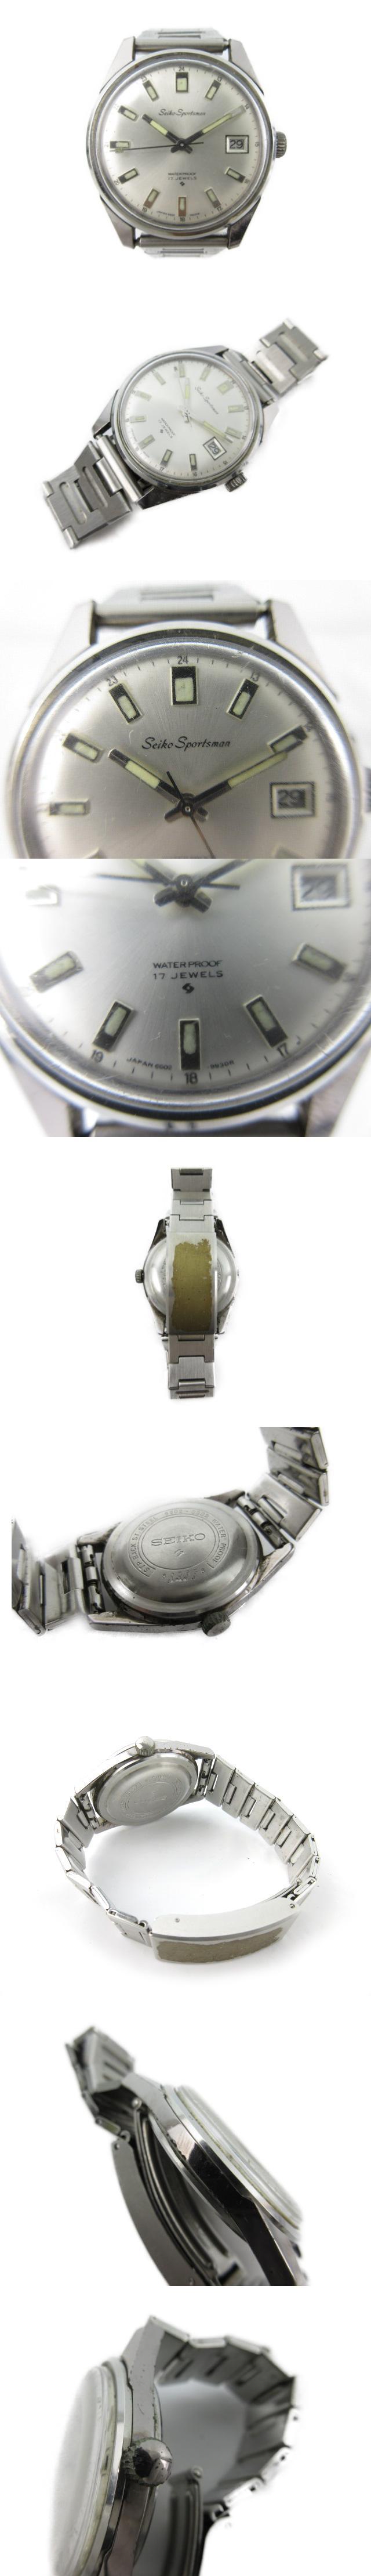 腕時計 ウォッチ Sportsman スポーツマン デイト 手巻き 17石 35mm シルバー アンティーク ビンテージ オールド